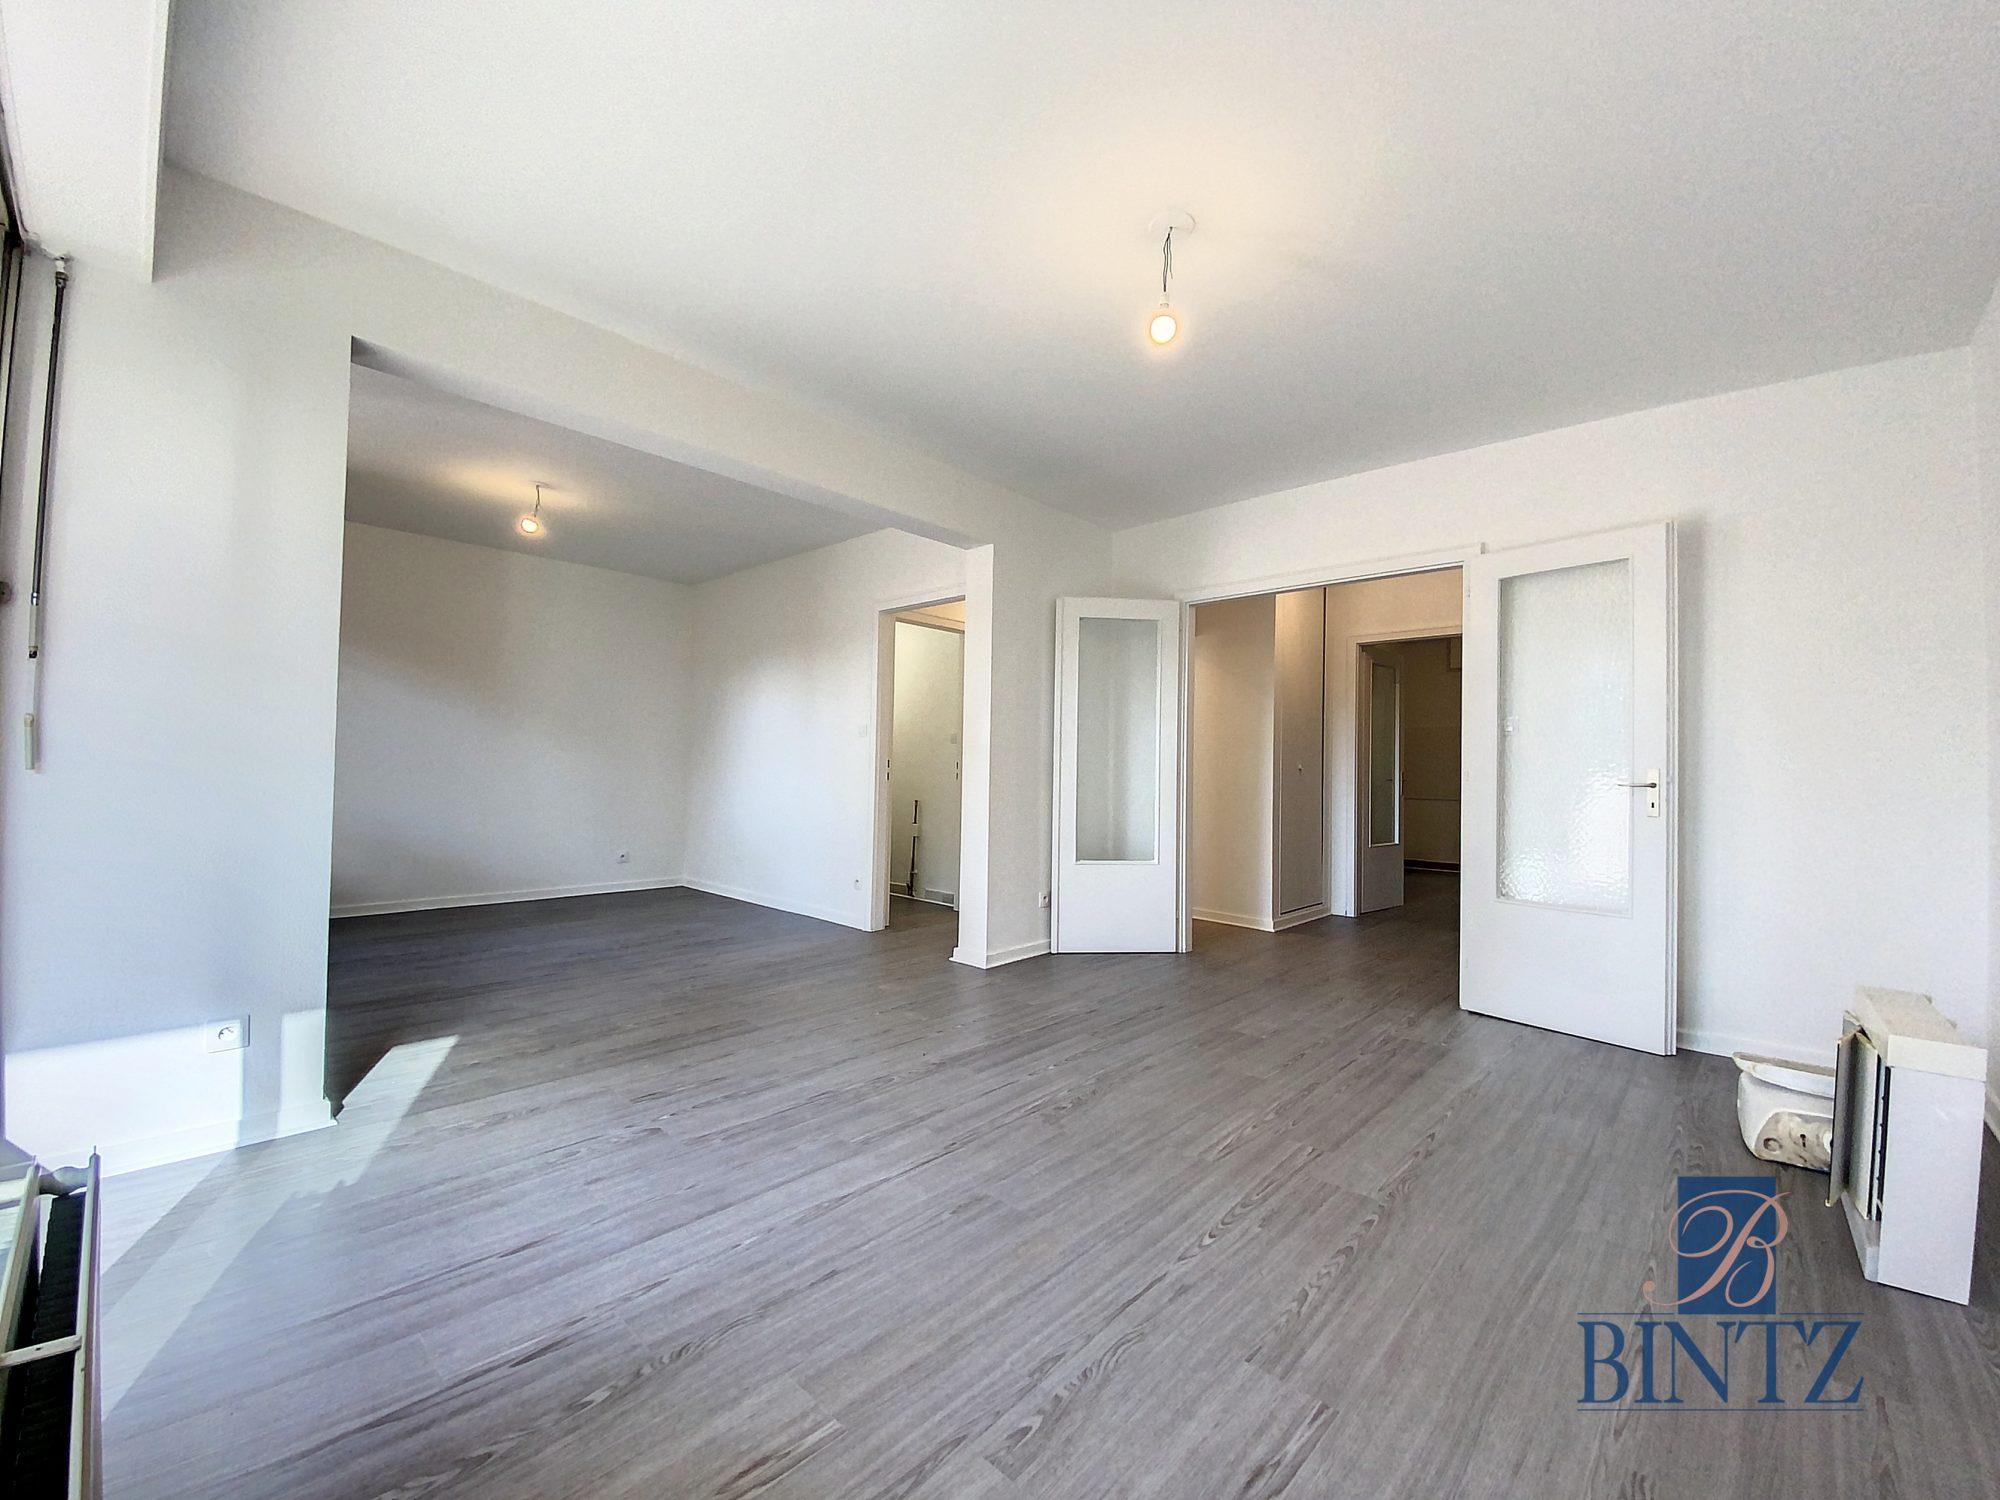 2PÈCES ILLKIRCH - Devenez locataire en toute sérénité - Bintz Immobilier - 8